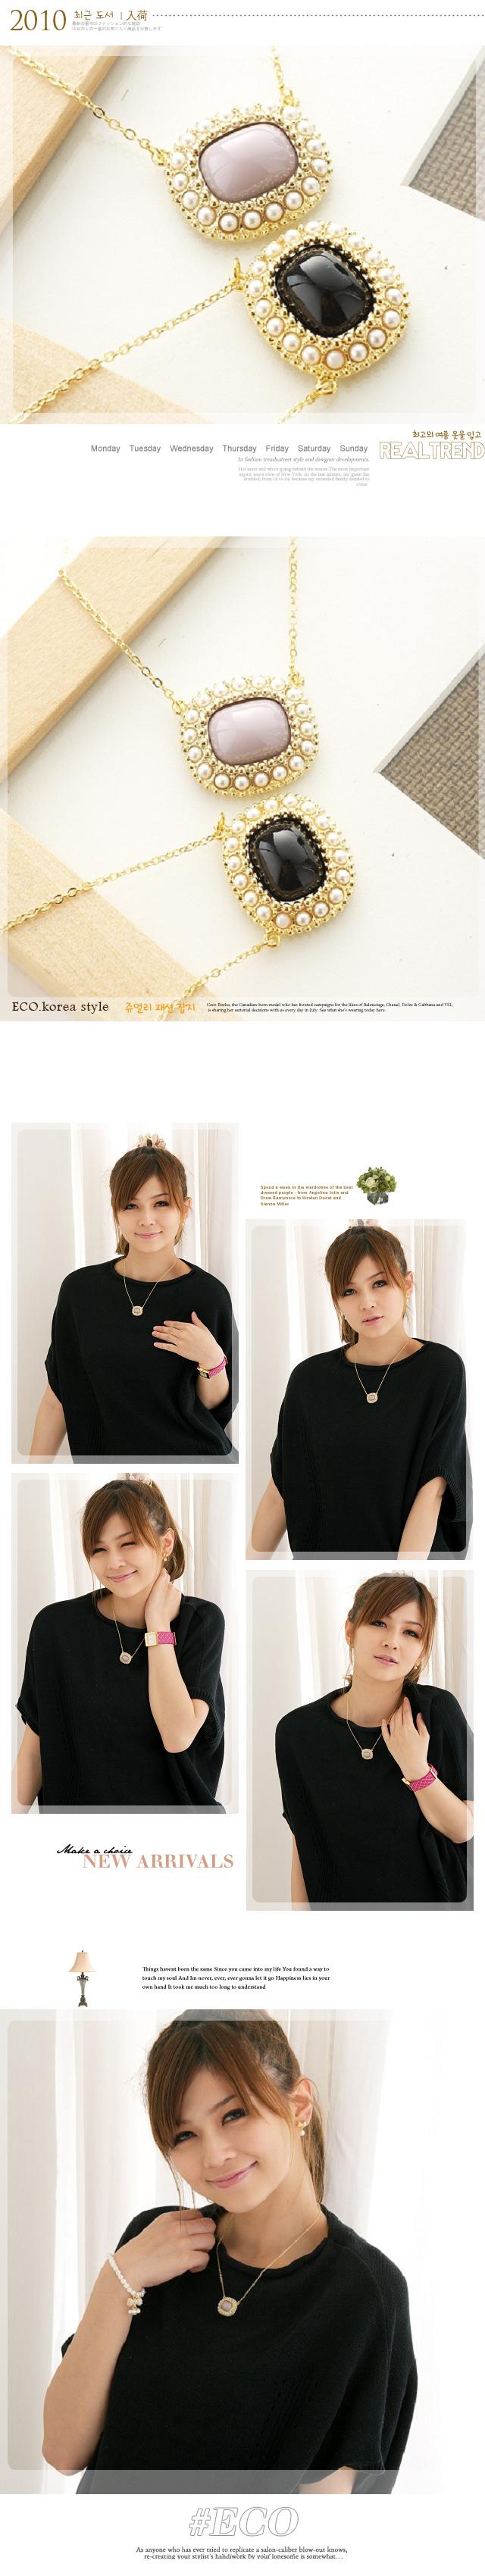 白瓷項鍊,陶瓷項鍊,珍珠項鍊,韓國項鍊,韓國製項鍊,韓國飾品,項鍊